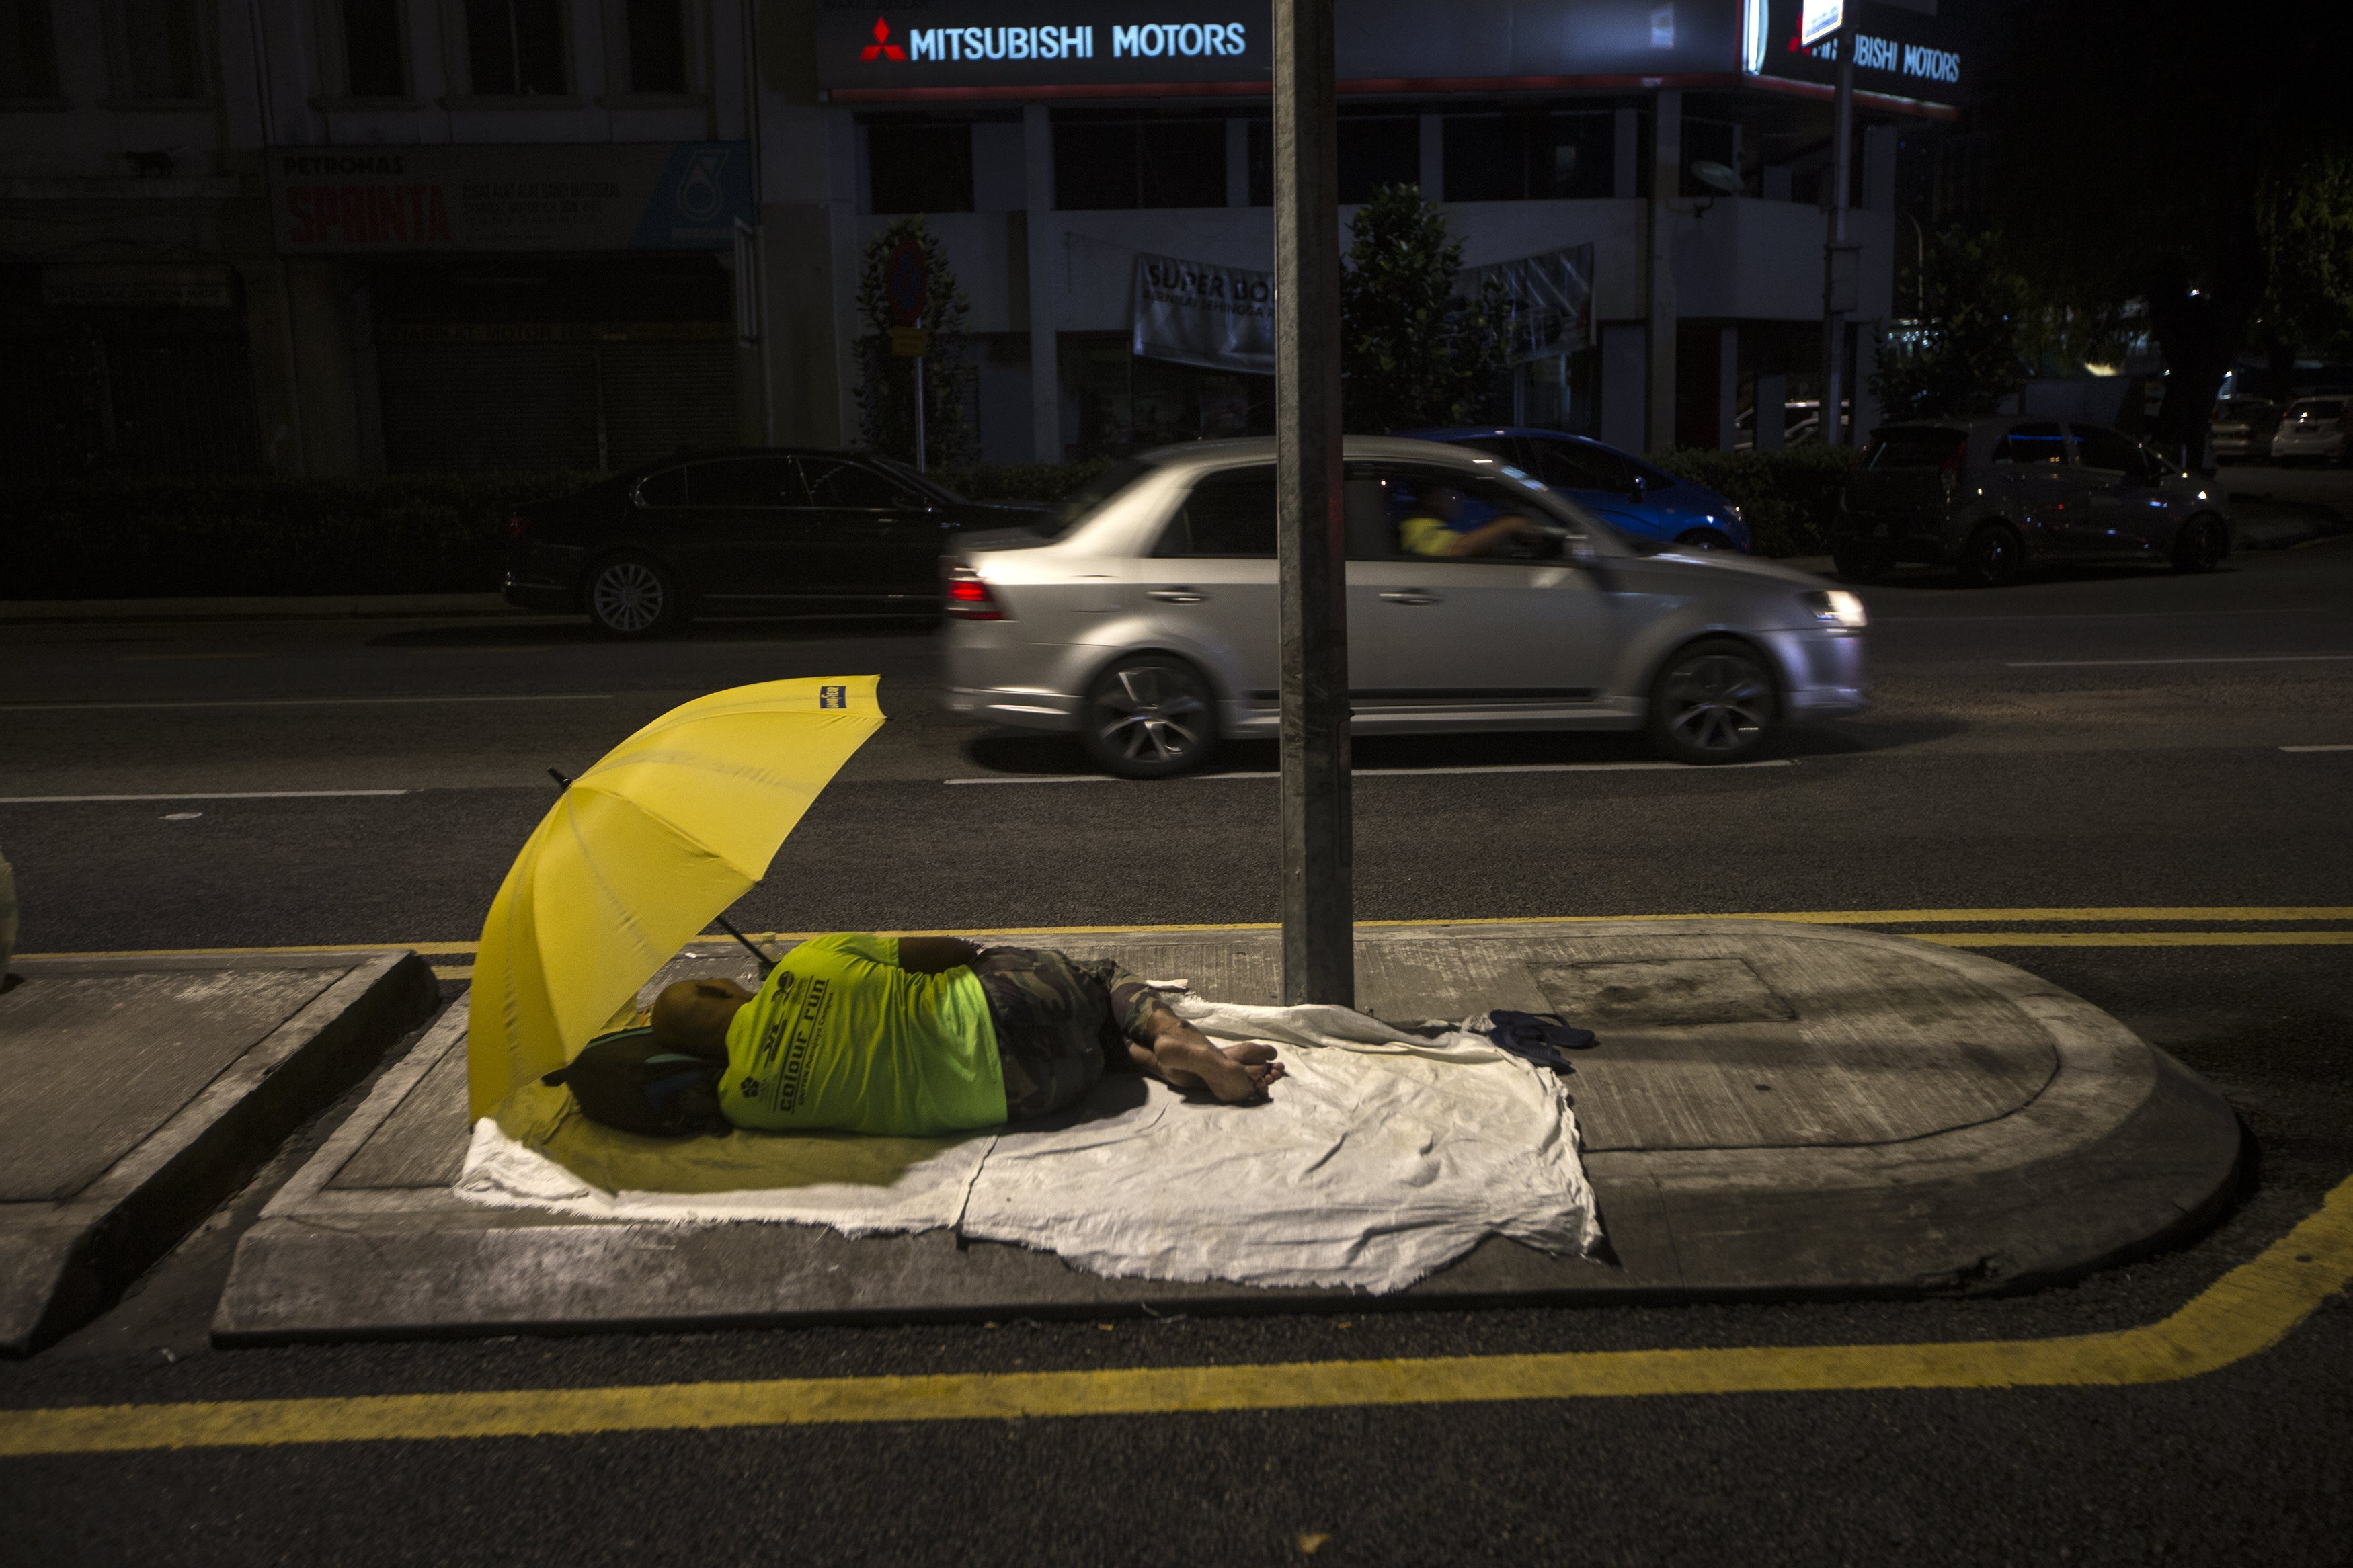 Una persona sense sostre dorm al carrer mentre espera la distribució del menjar sahur durant el mes sagrat del dejuni del Ramadà a Kuala Lumpur (Malàisia). /AHMAD YUSNI